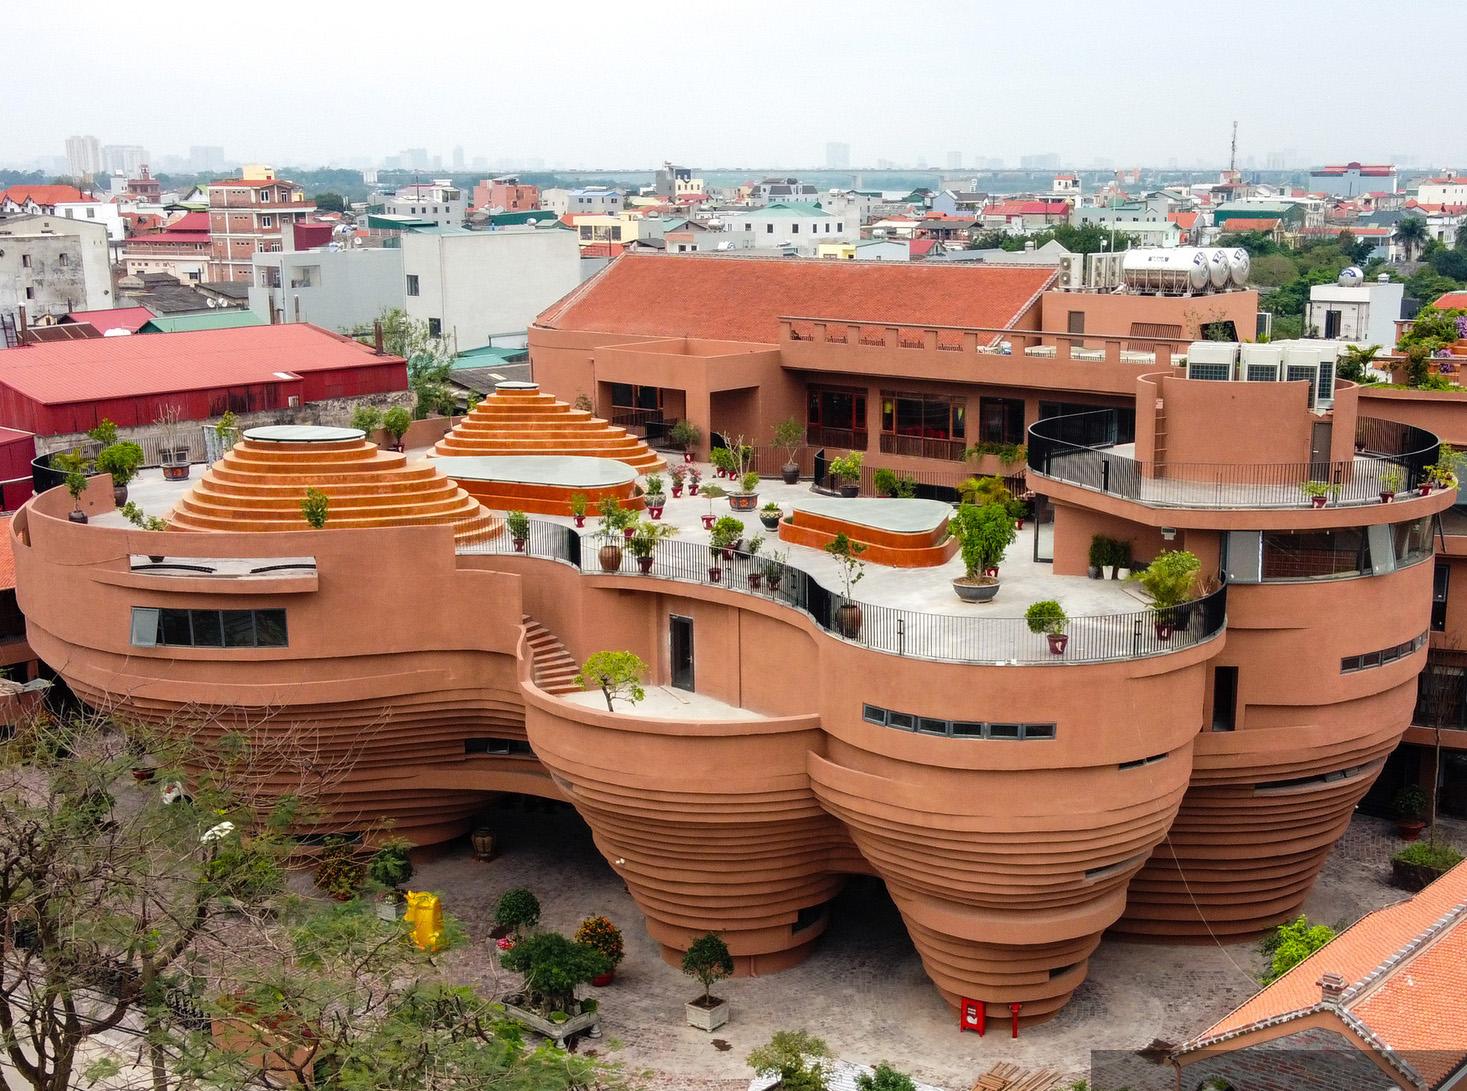 Trung tâm Tinh hoa Làng nghề Việt – công trình có kiến trúc độc lạ ở Việt Nam